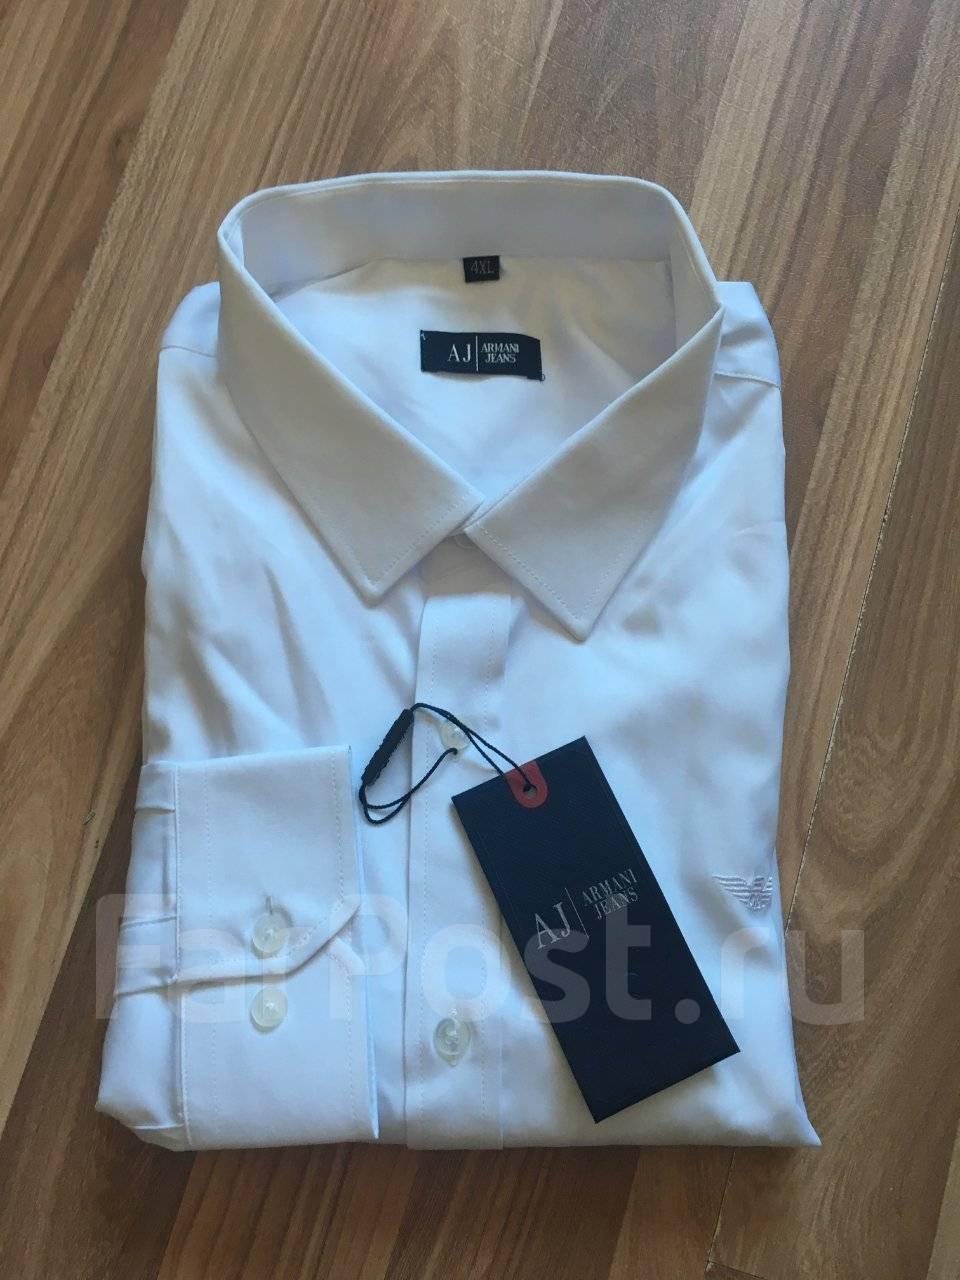 a86d57d2bce Рубашки и сорочки мужские Размер  54 размера - купить во Владивостоке.  Цены! Фото.